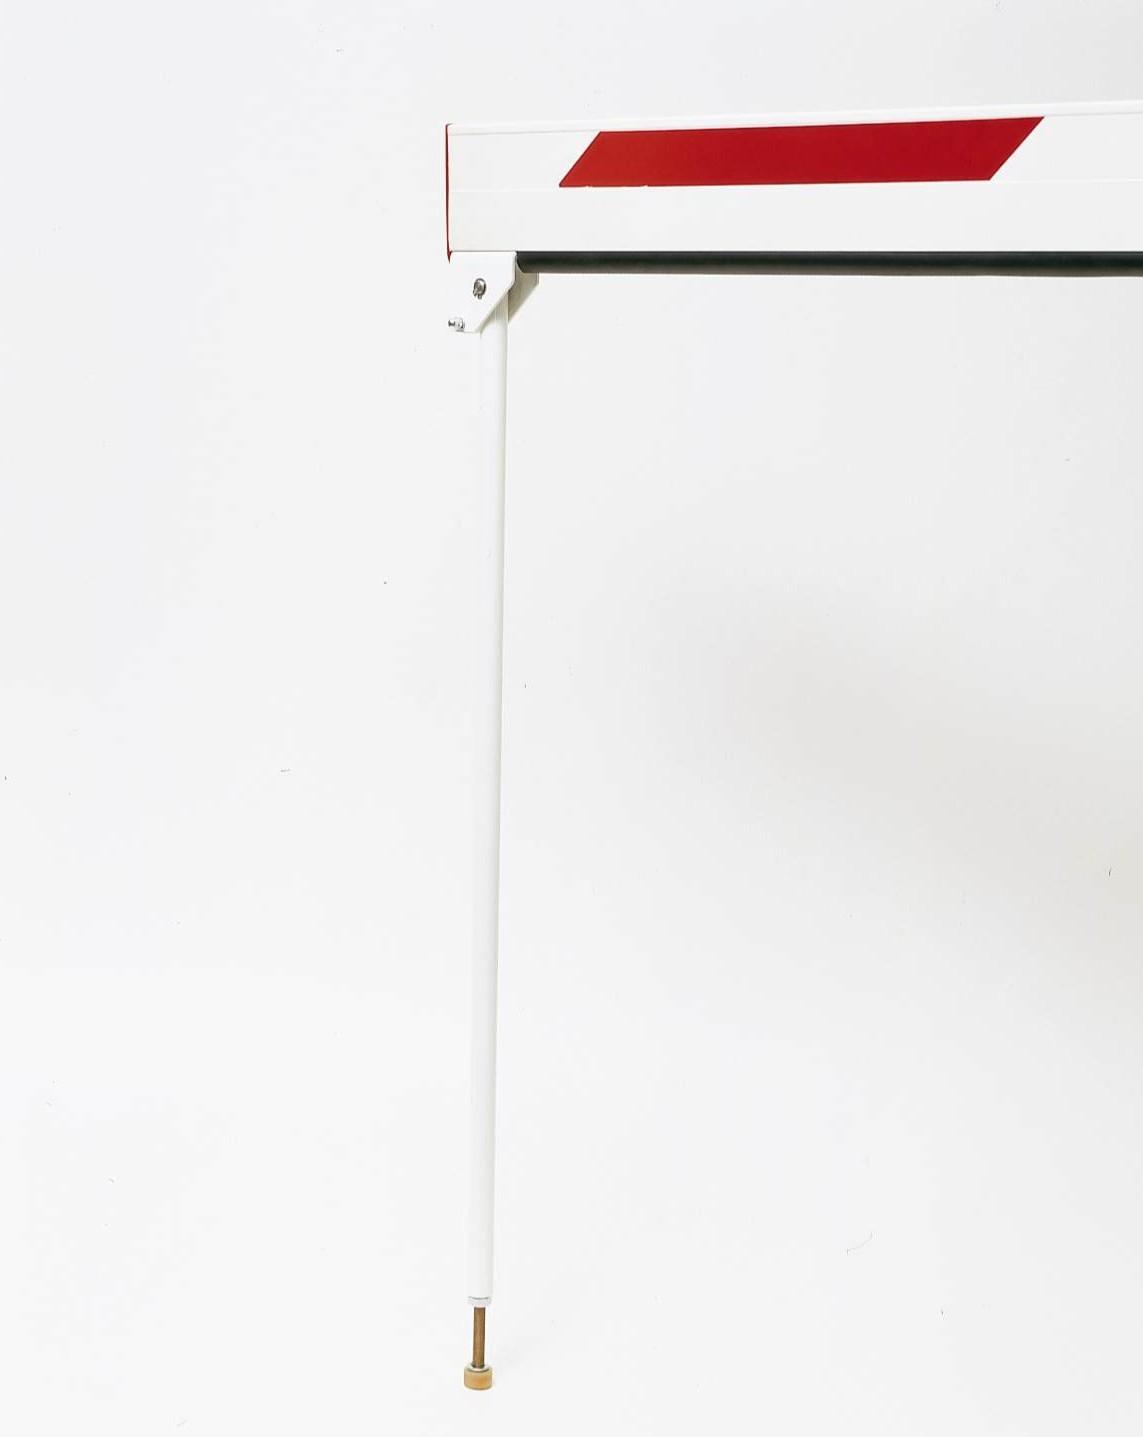 Κινητό πόδι στήριξης κονταριού για μπάρες Genius Spin